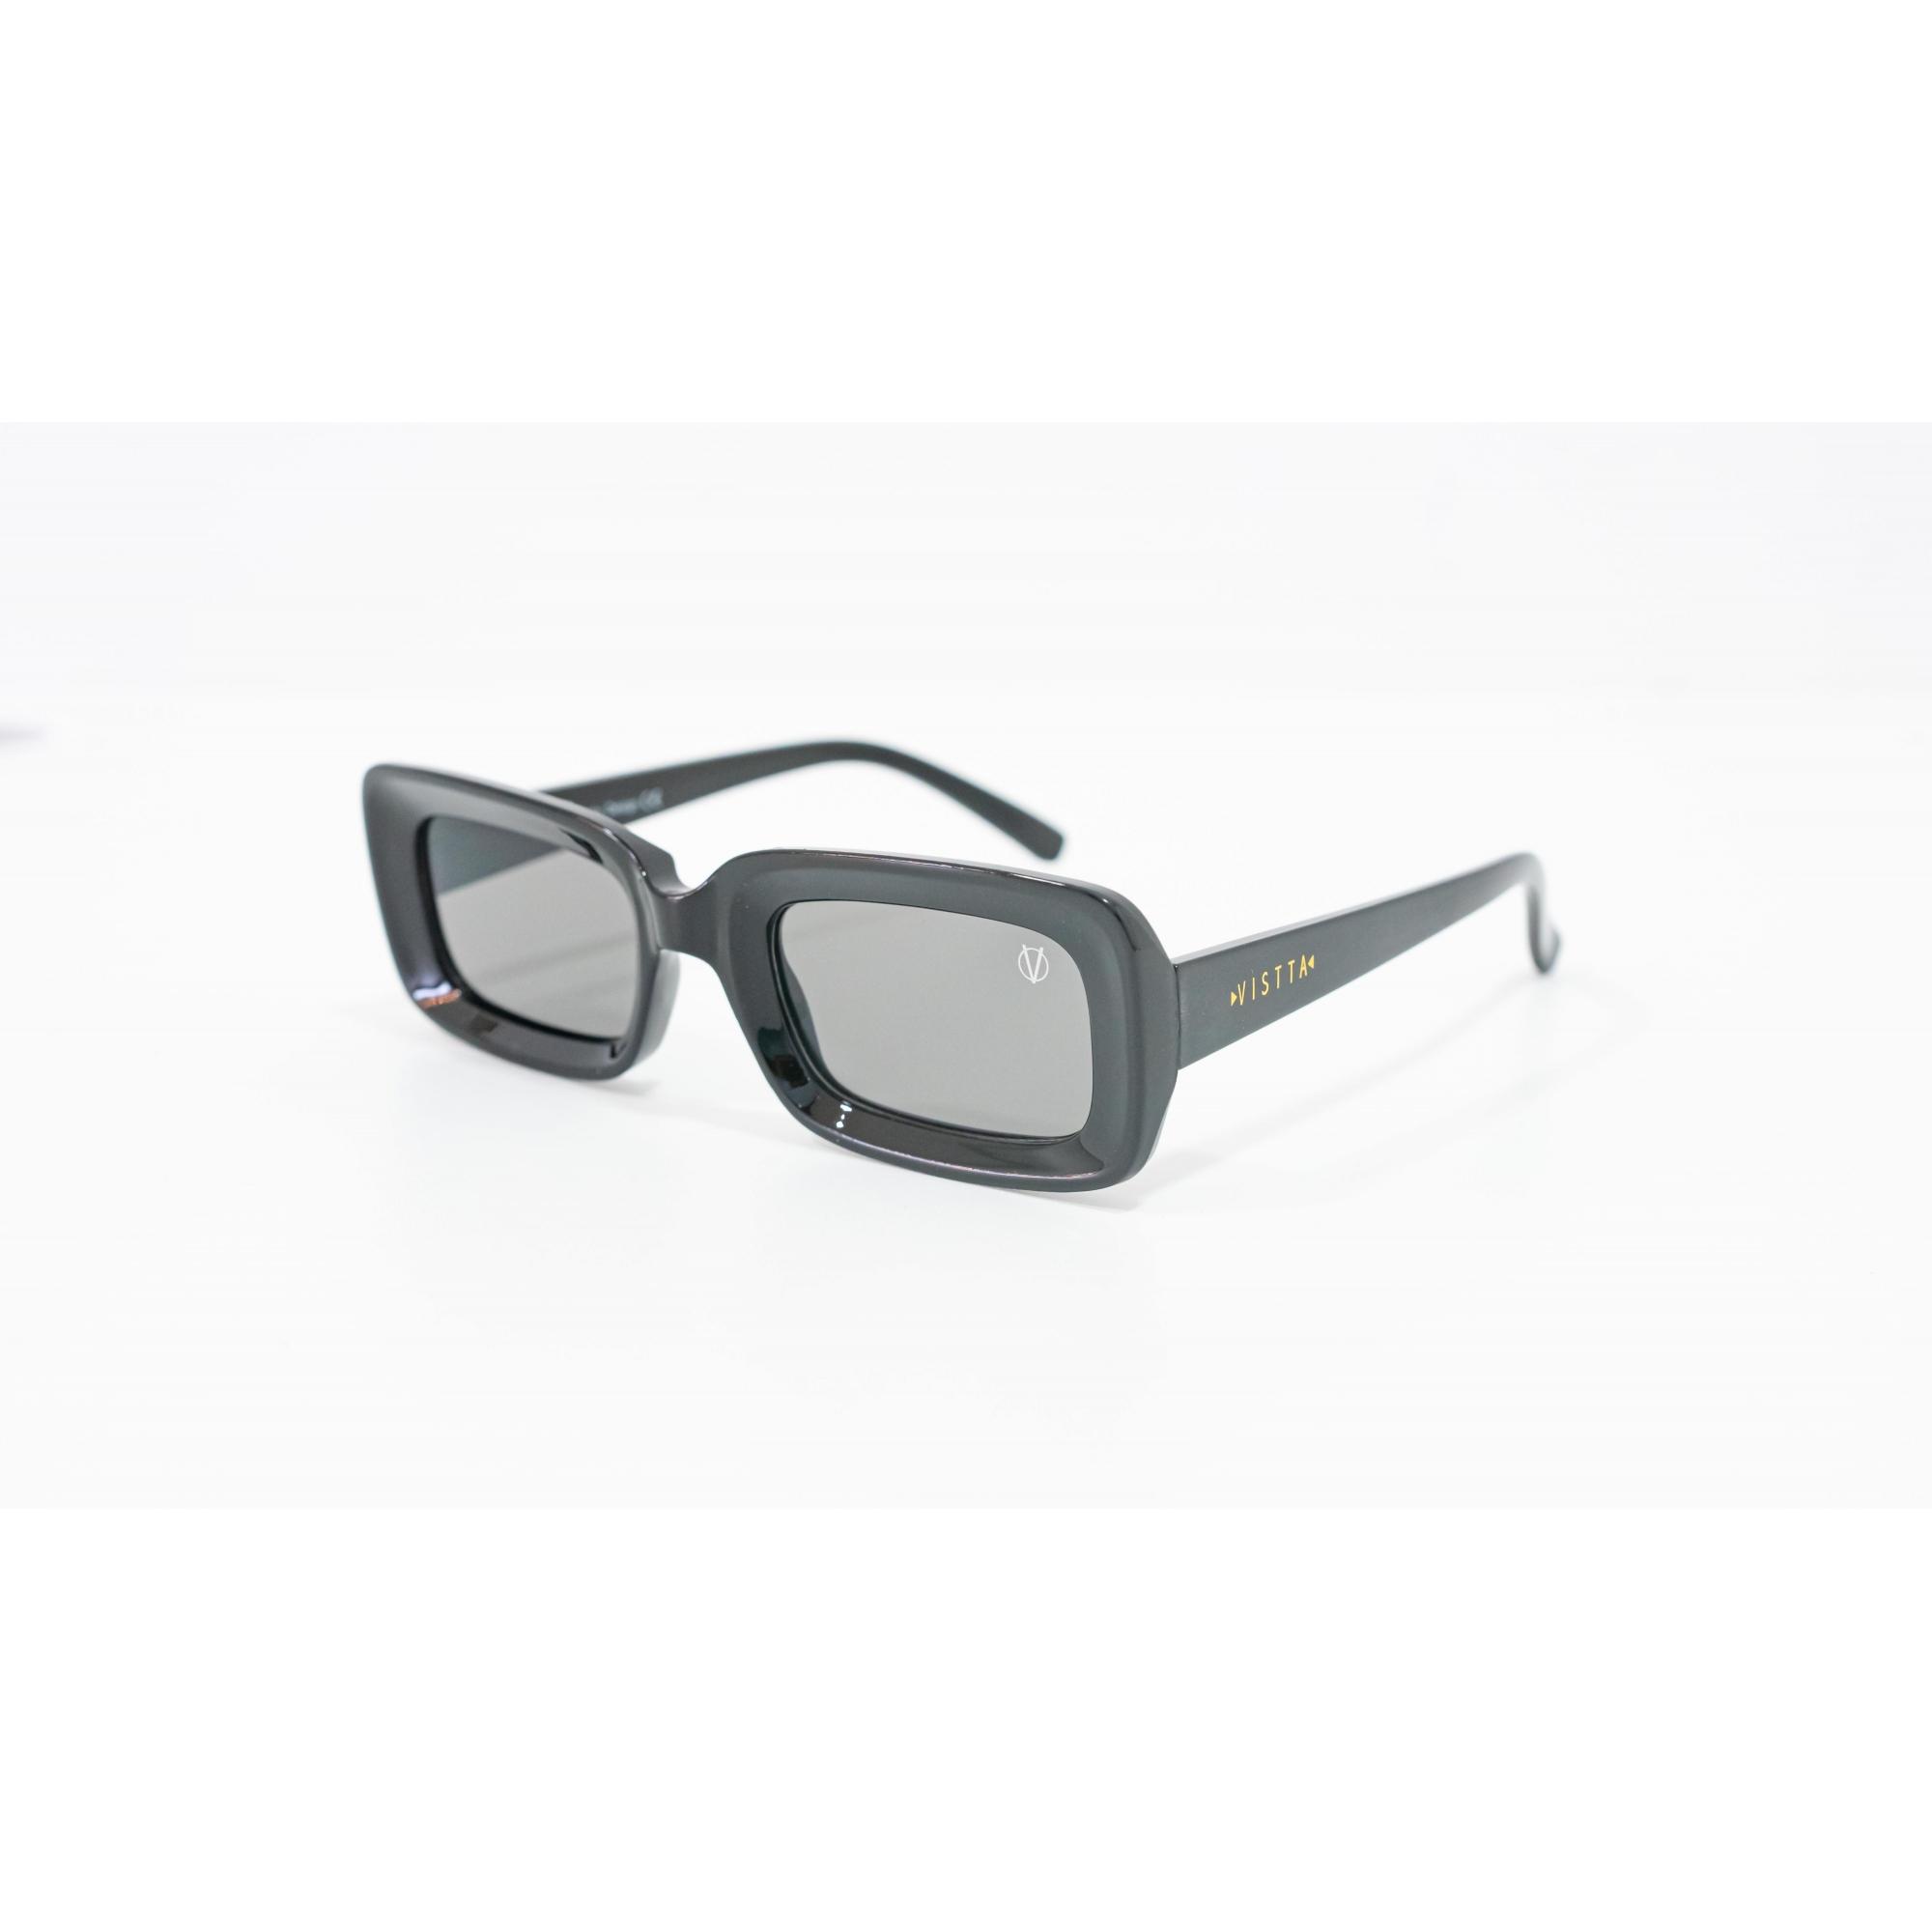 Óculos Vistta Aping Retangular LQ9010 C1 50 Preto